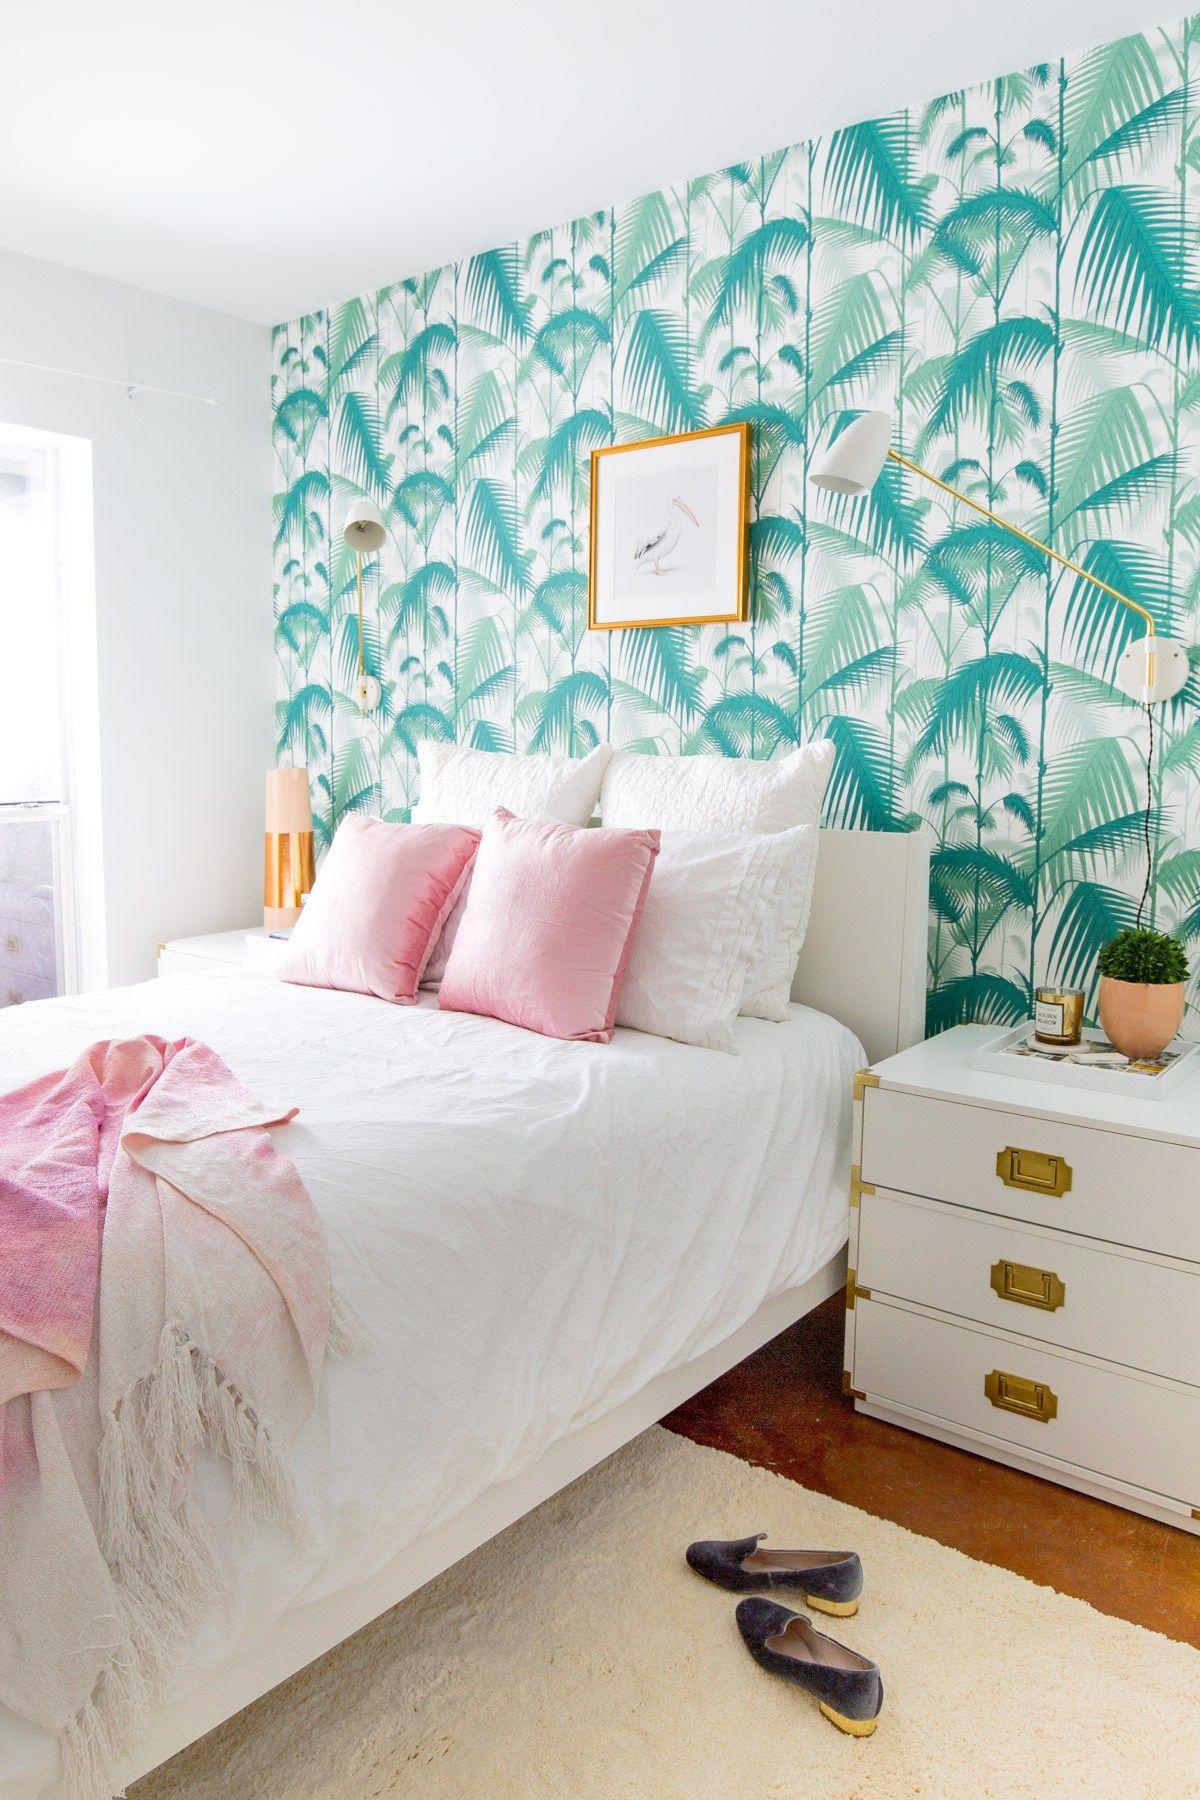 Dormitorio decorado con papel pintado exótico